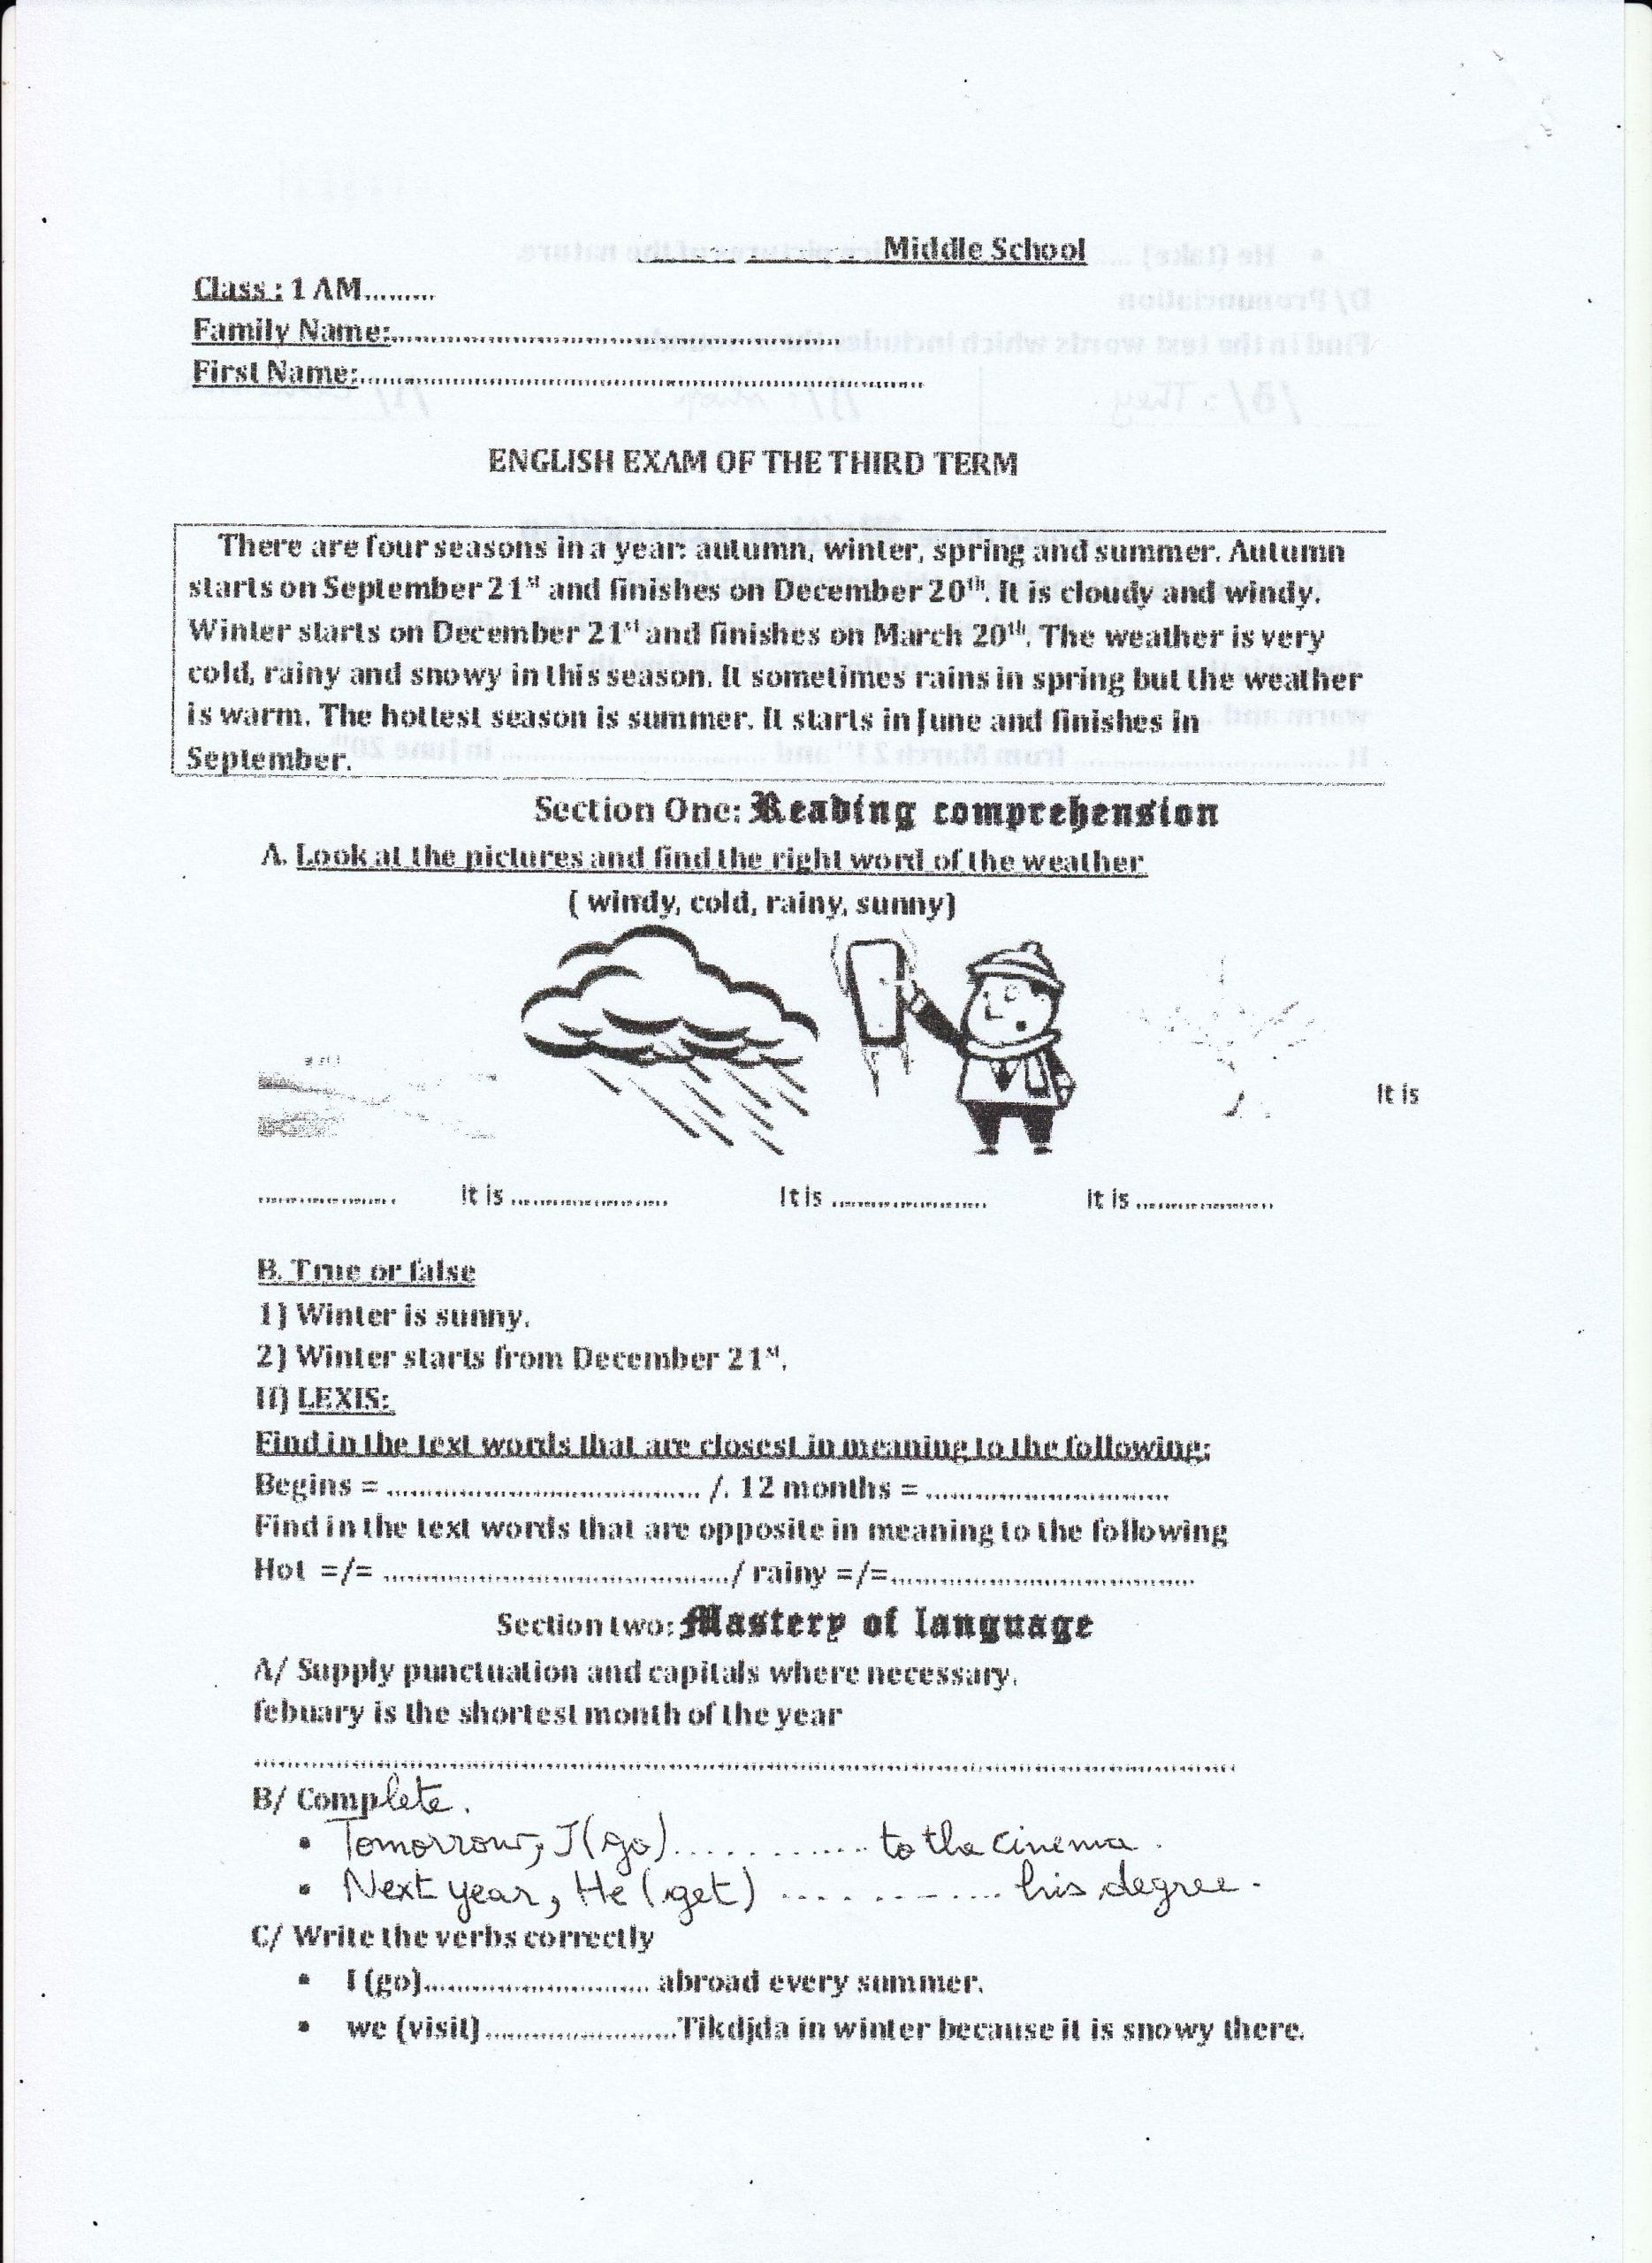 اختبار الفصل الثالث في اللغة الانجليزية للسنة الأولى متوسط - الموضوع 05